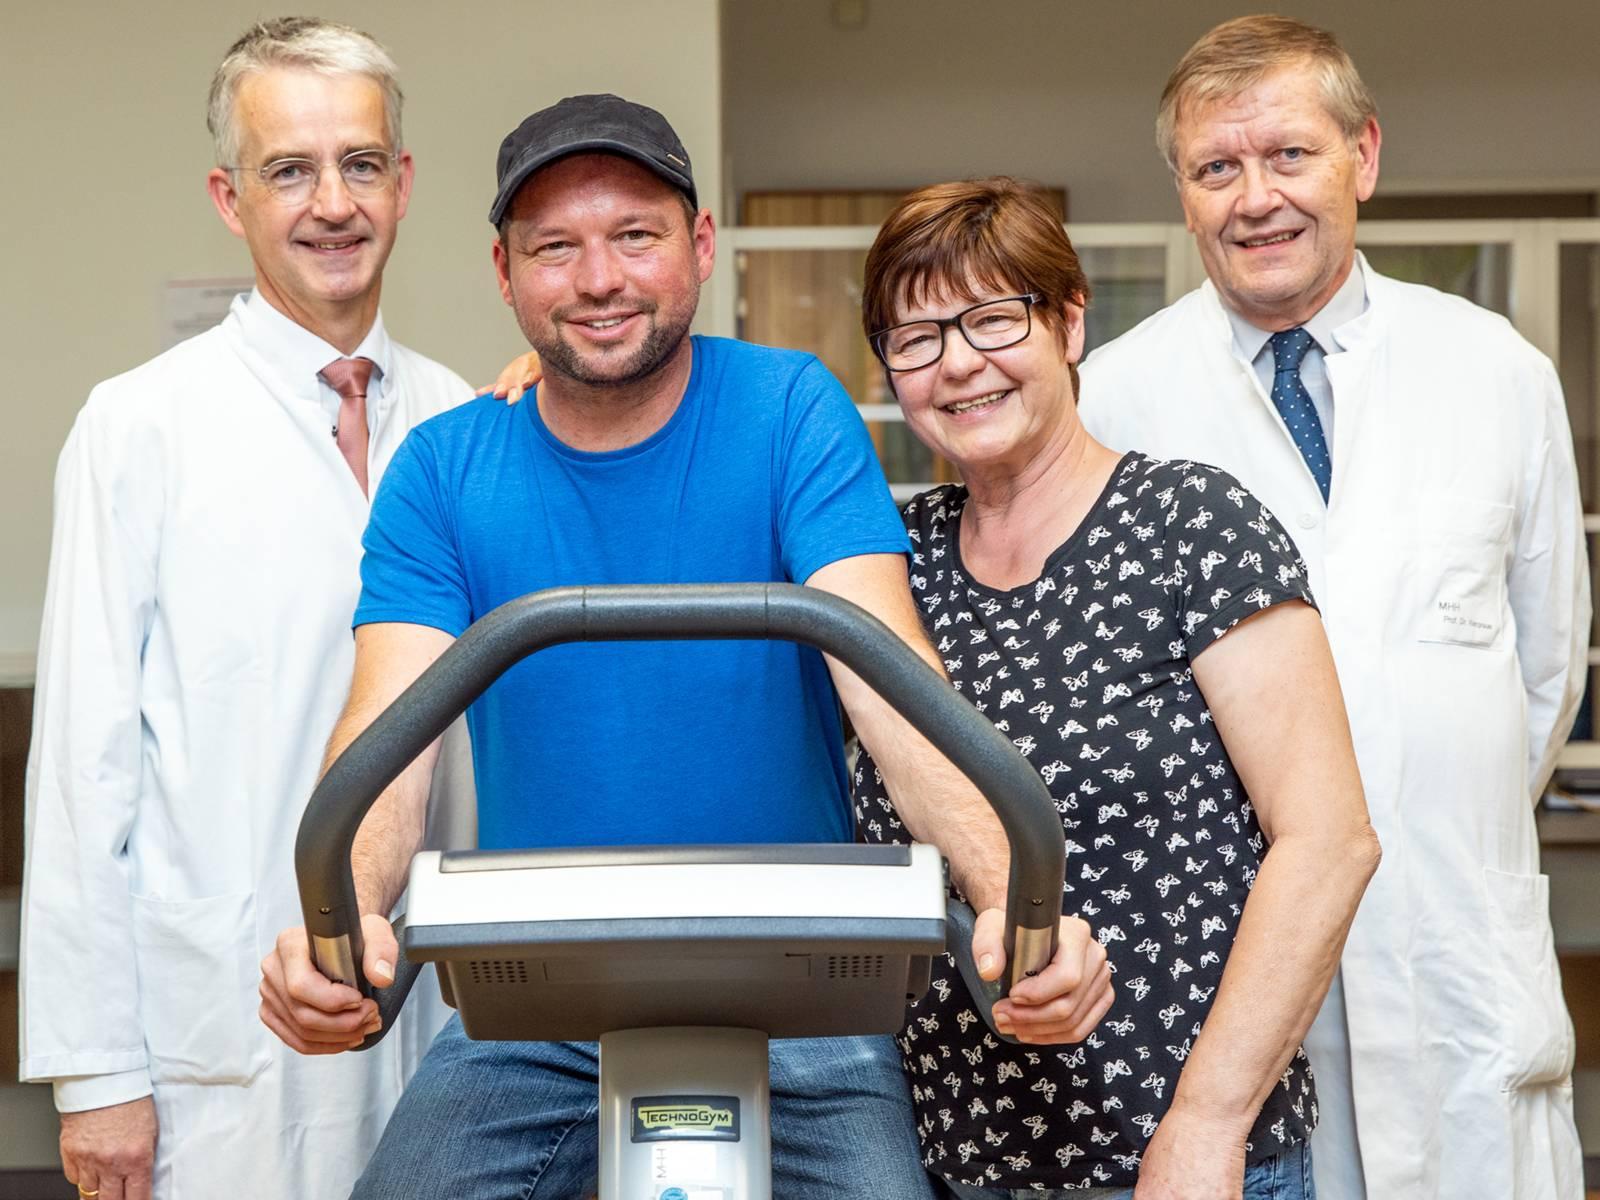 Mann auf einem Fitness-Fahrrad, daneben eine Frau und zwei Ärzte